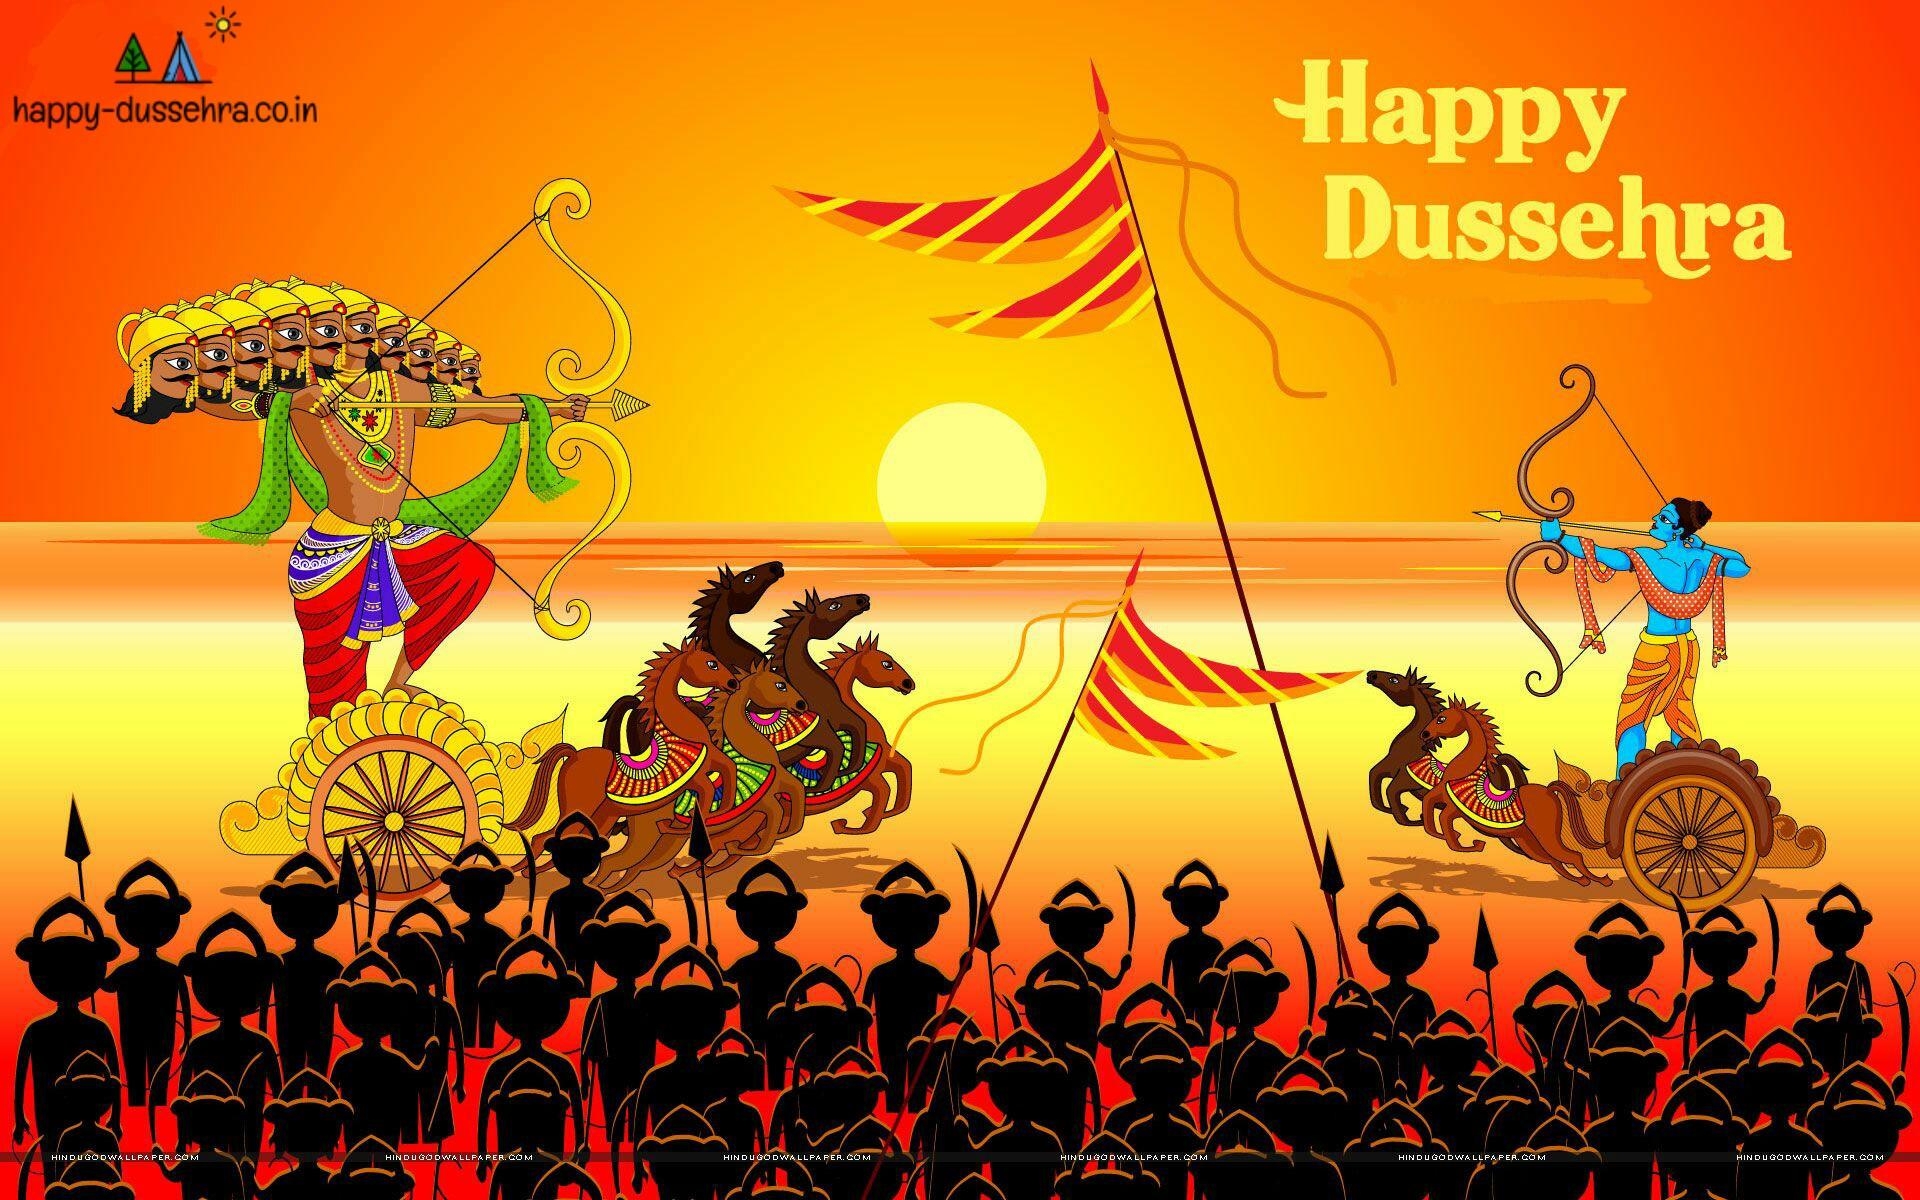 Happy Dussehra 2021 Images